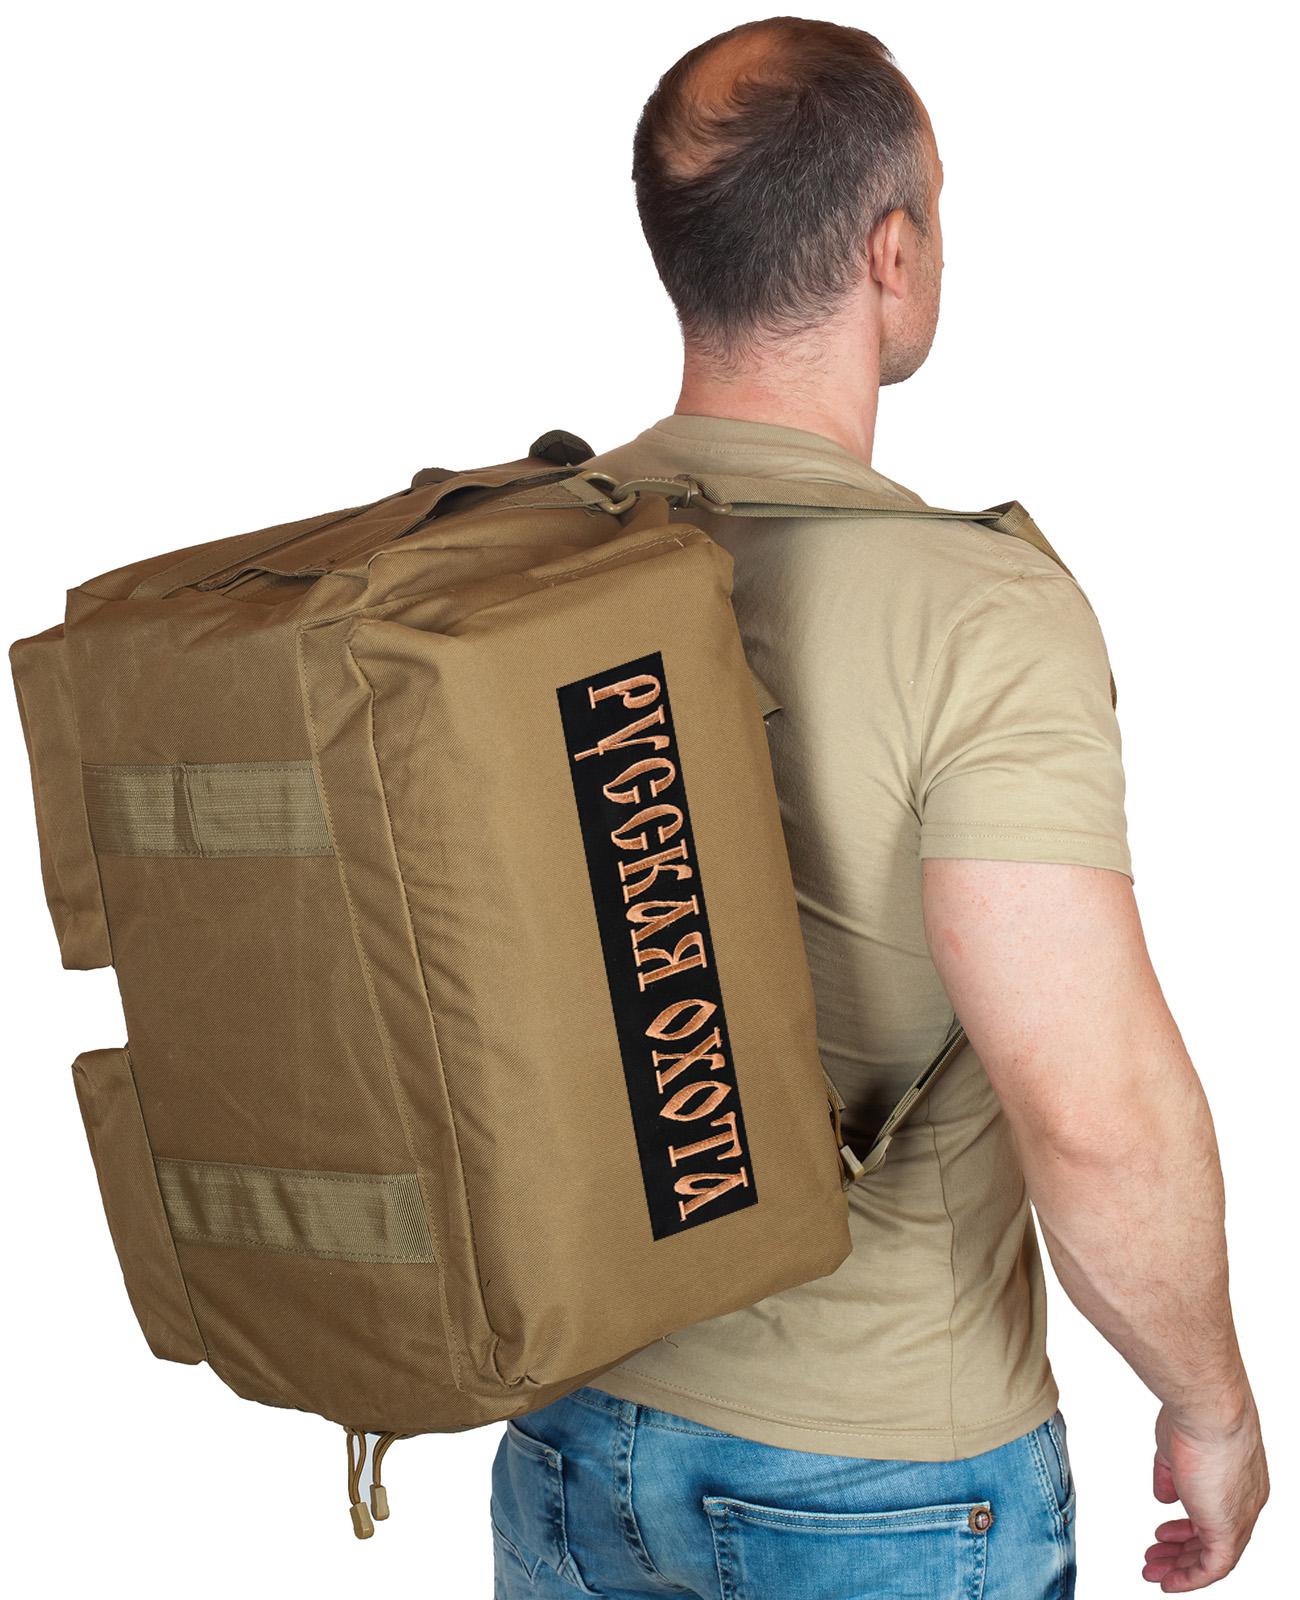 Купить дорожную мужскую сумку-рюкзак с нашивкой Русская Охота онлайн выгодно